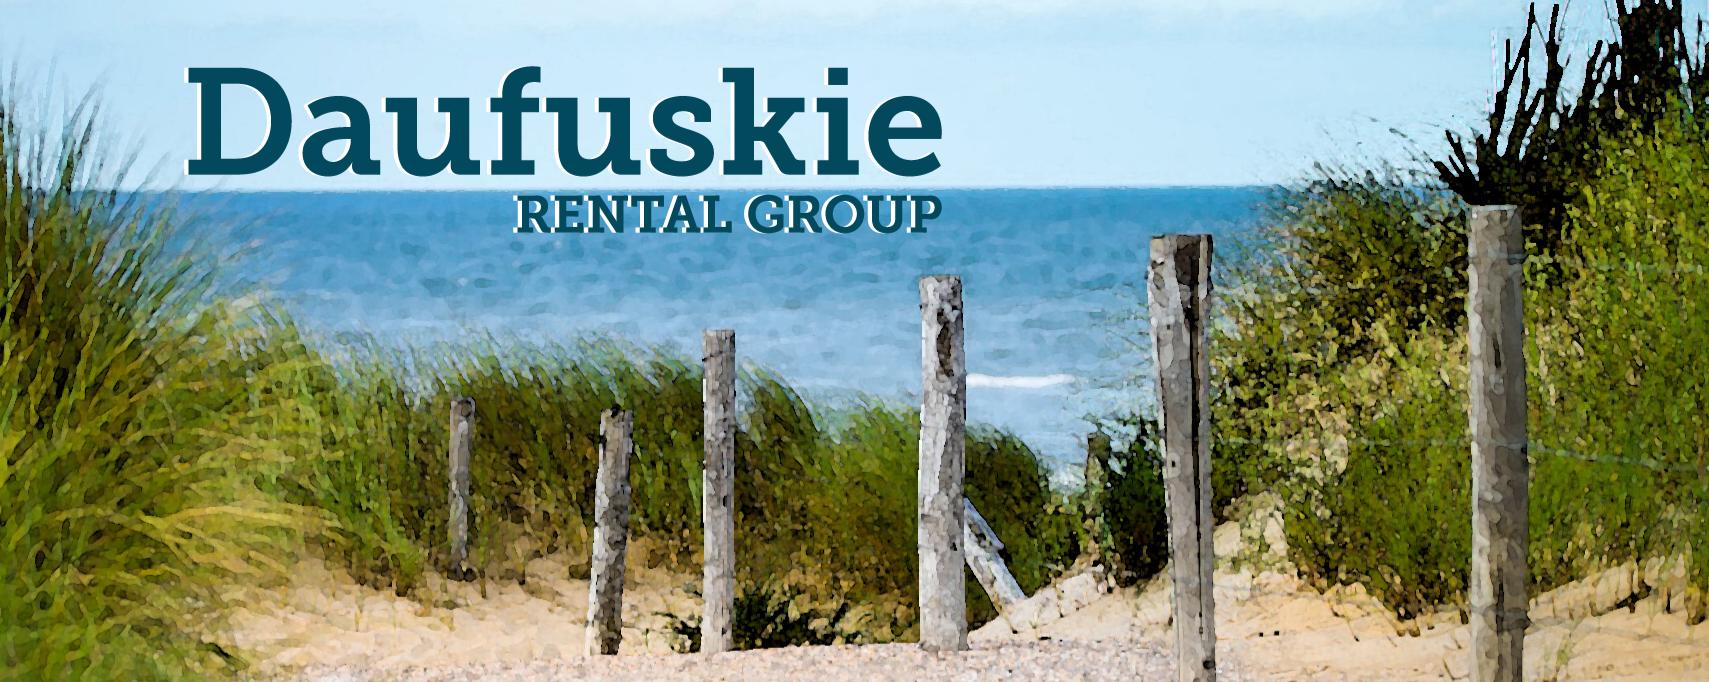 Daufuskie Rental Group